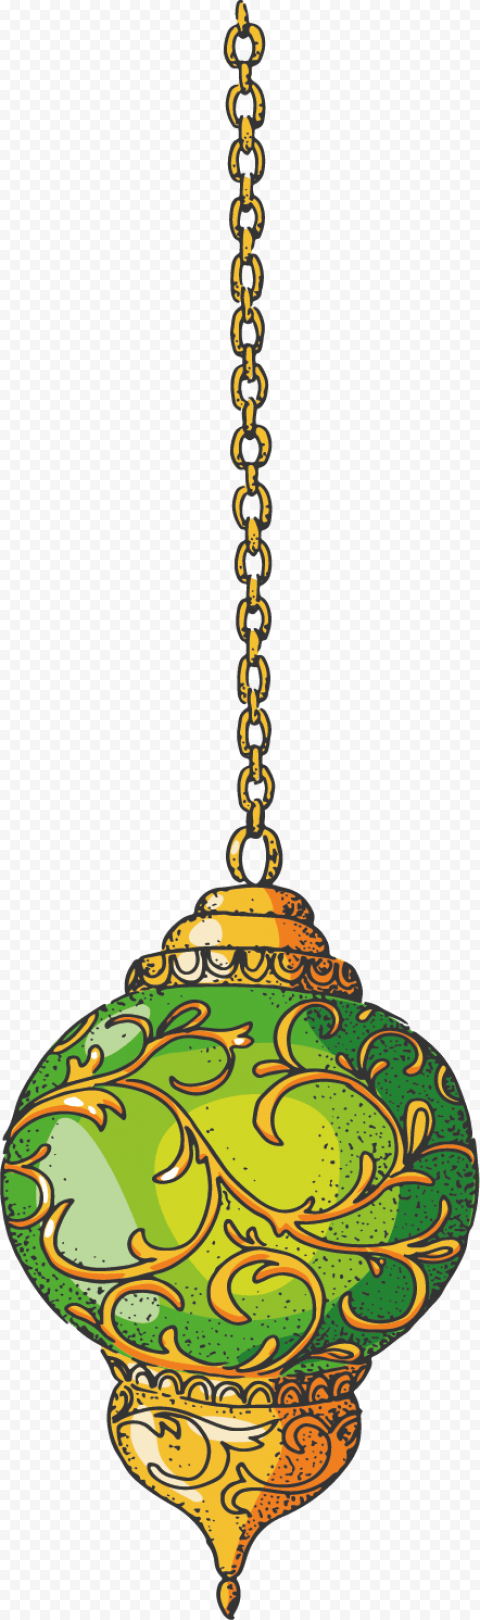 Ramadan Hanging Cartoon Green Lantern Lamp